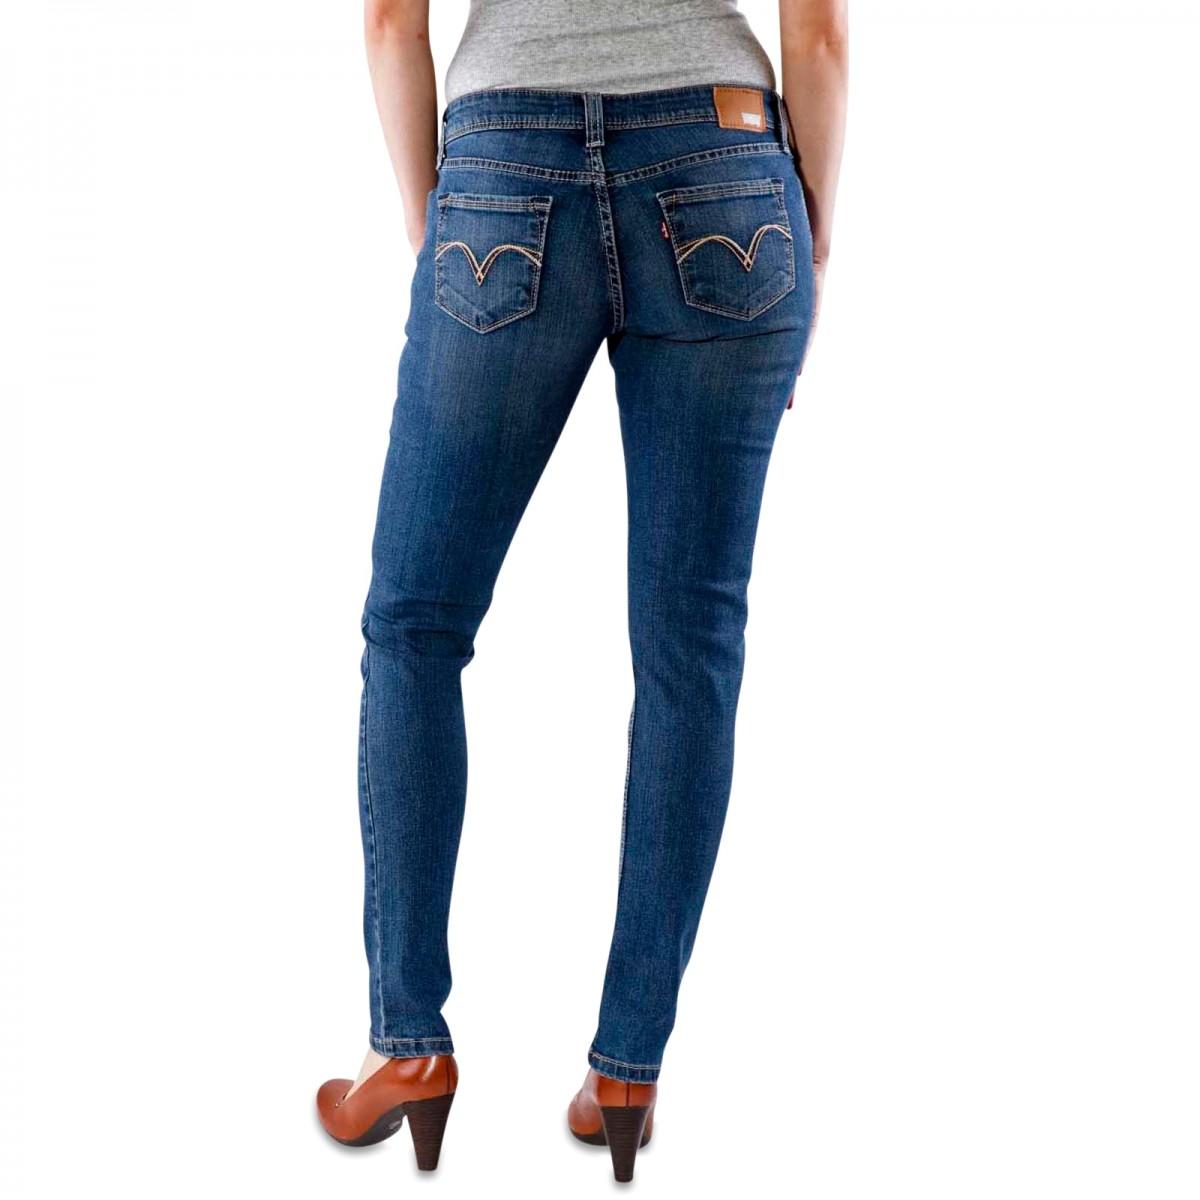 Jean-femme.site, un site d'inspiration en matière de jean